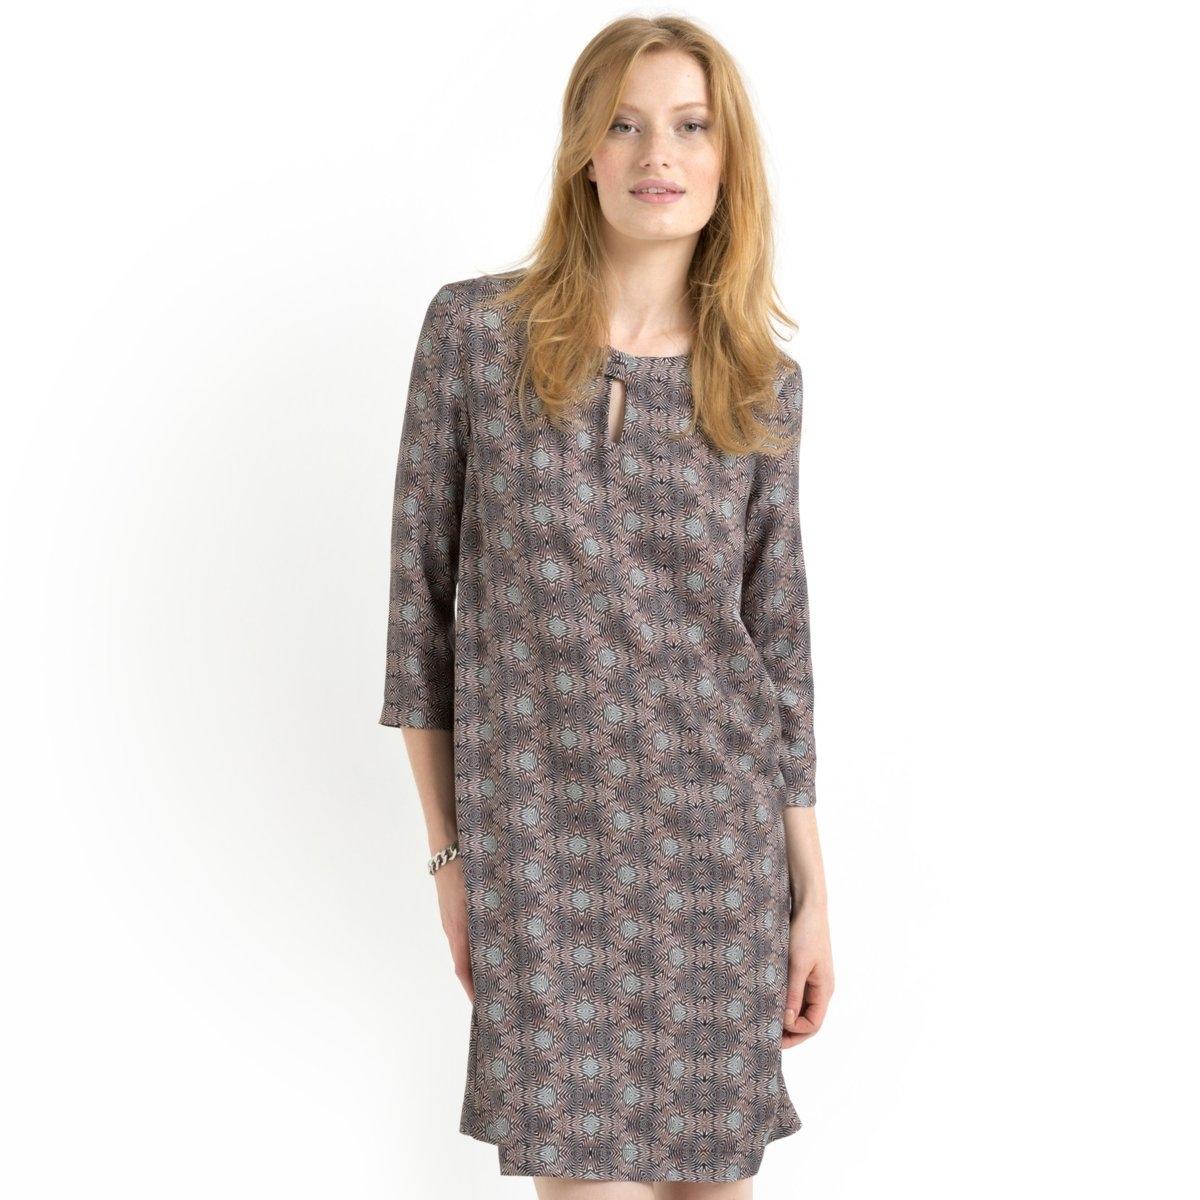 цены на Платье прямое с рисунком в интернет-магазинах